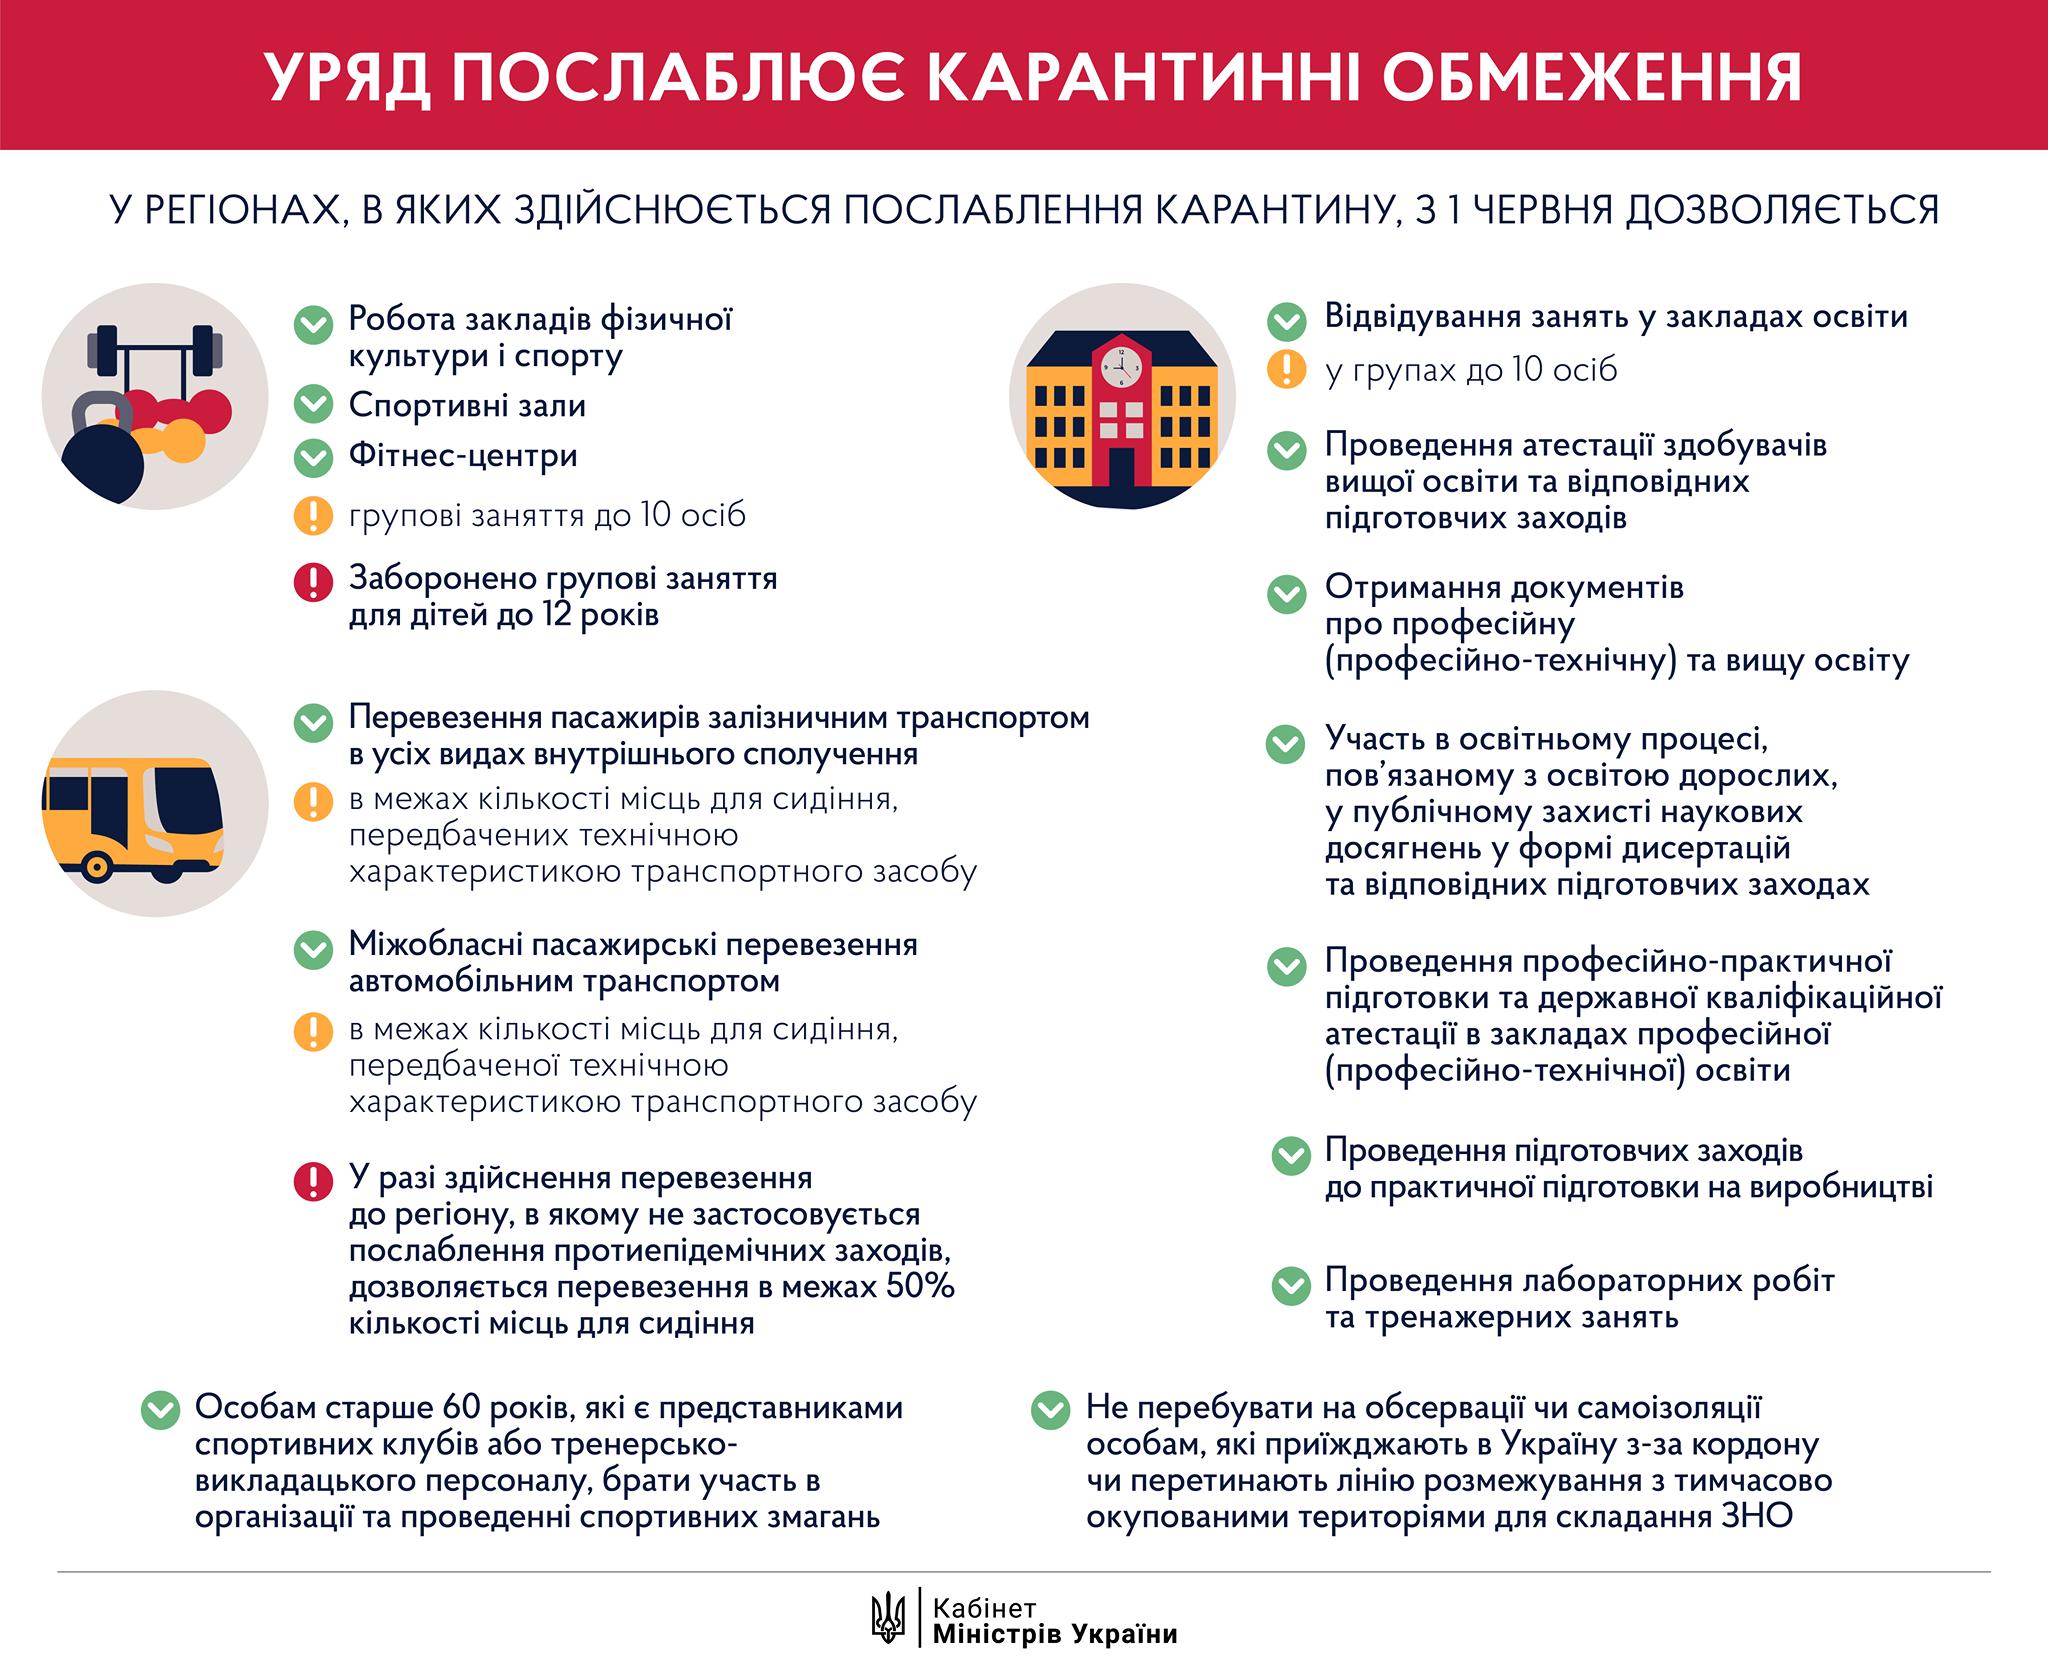 В Украине ослабляют карантин: что откроется сегодня – инфографика